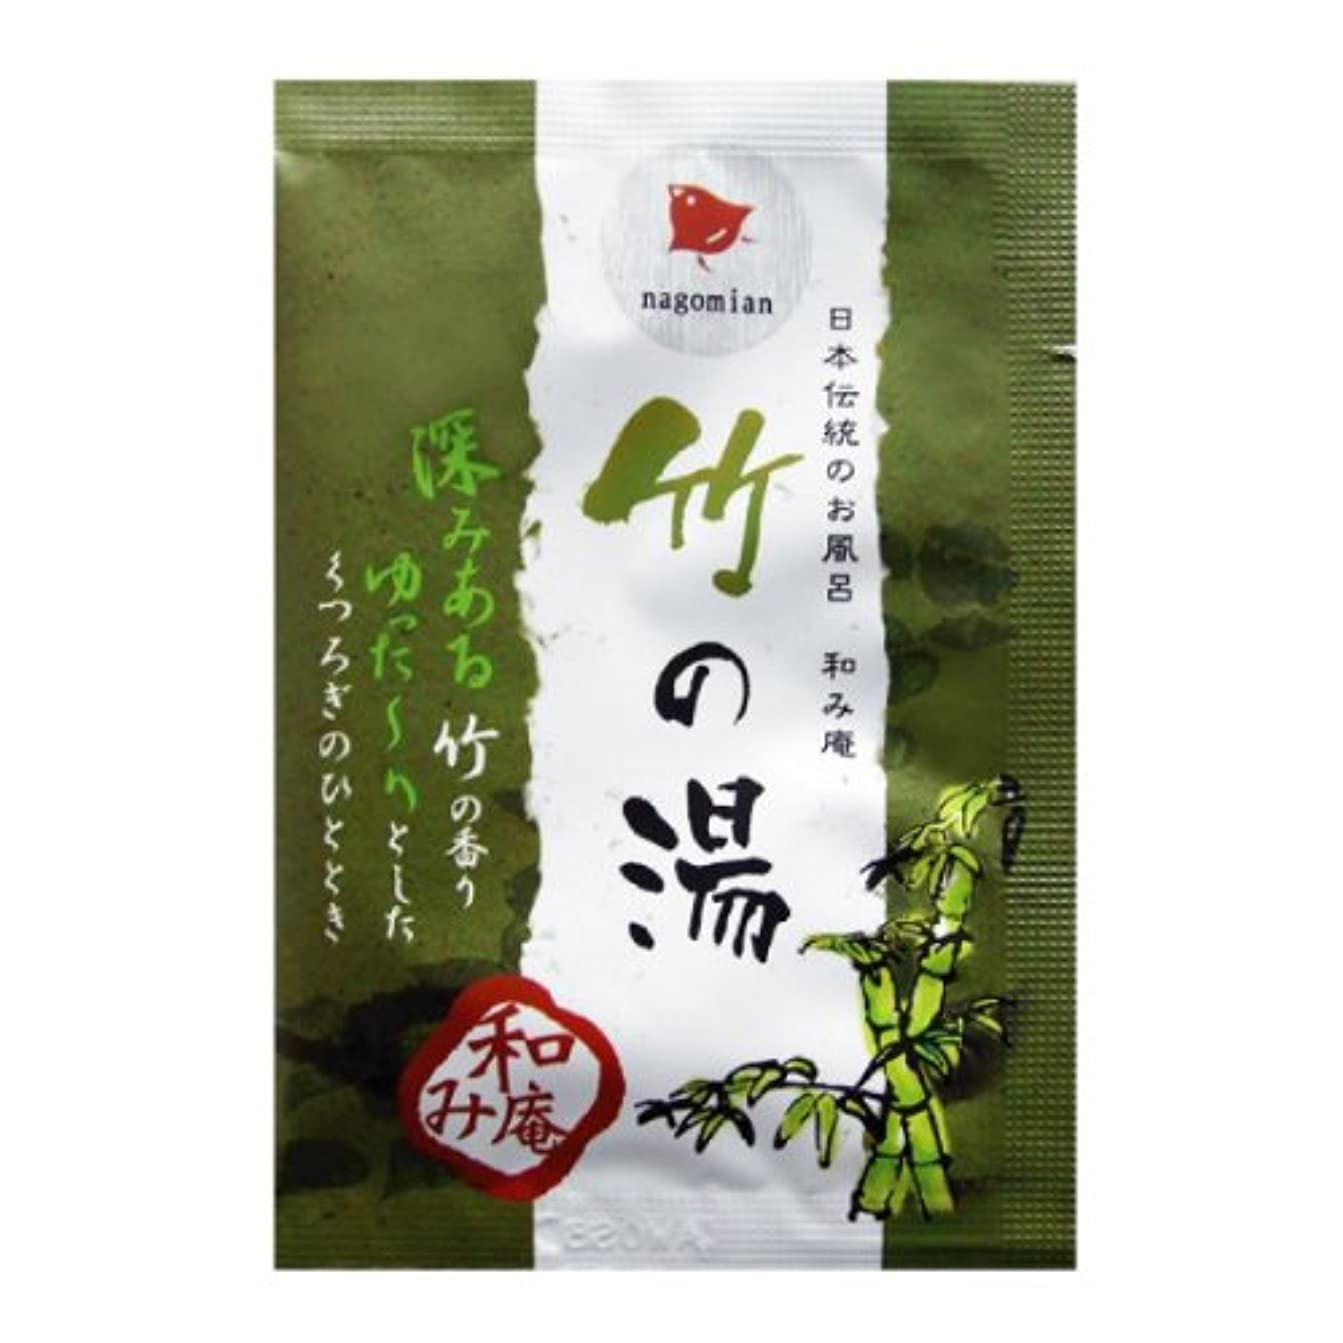 コインランドリー虚弱山積みの日本伝統のお風呂 和み庵 竹の湯 200包